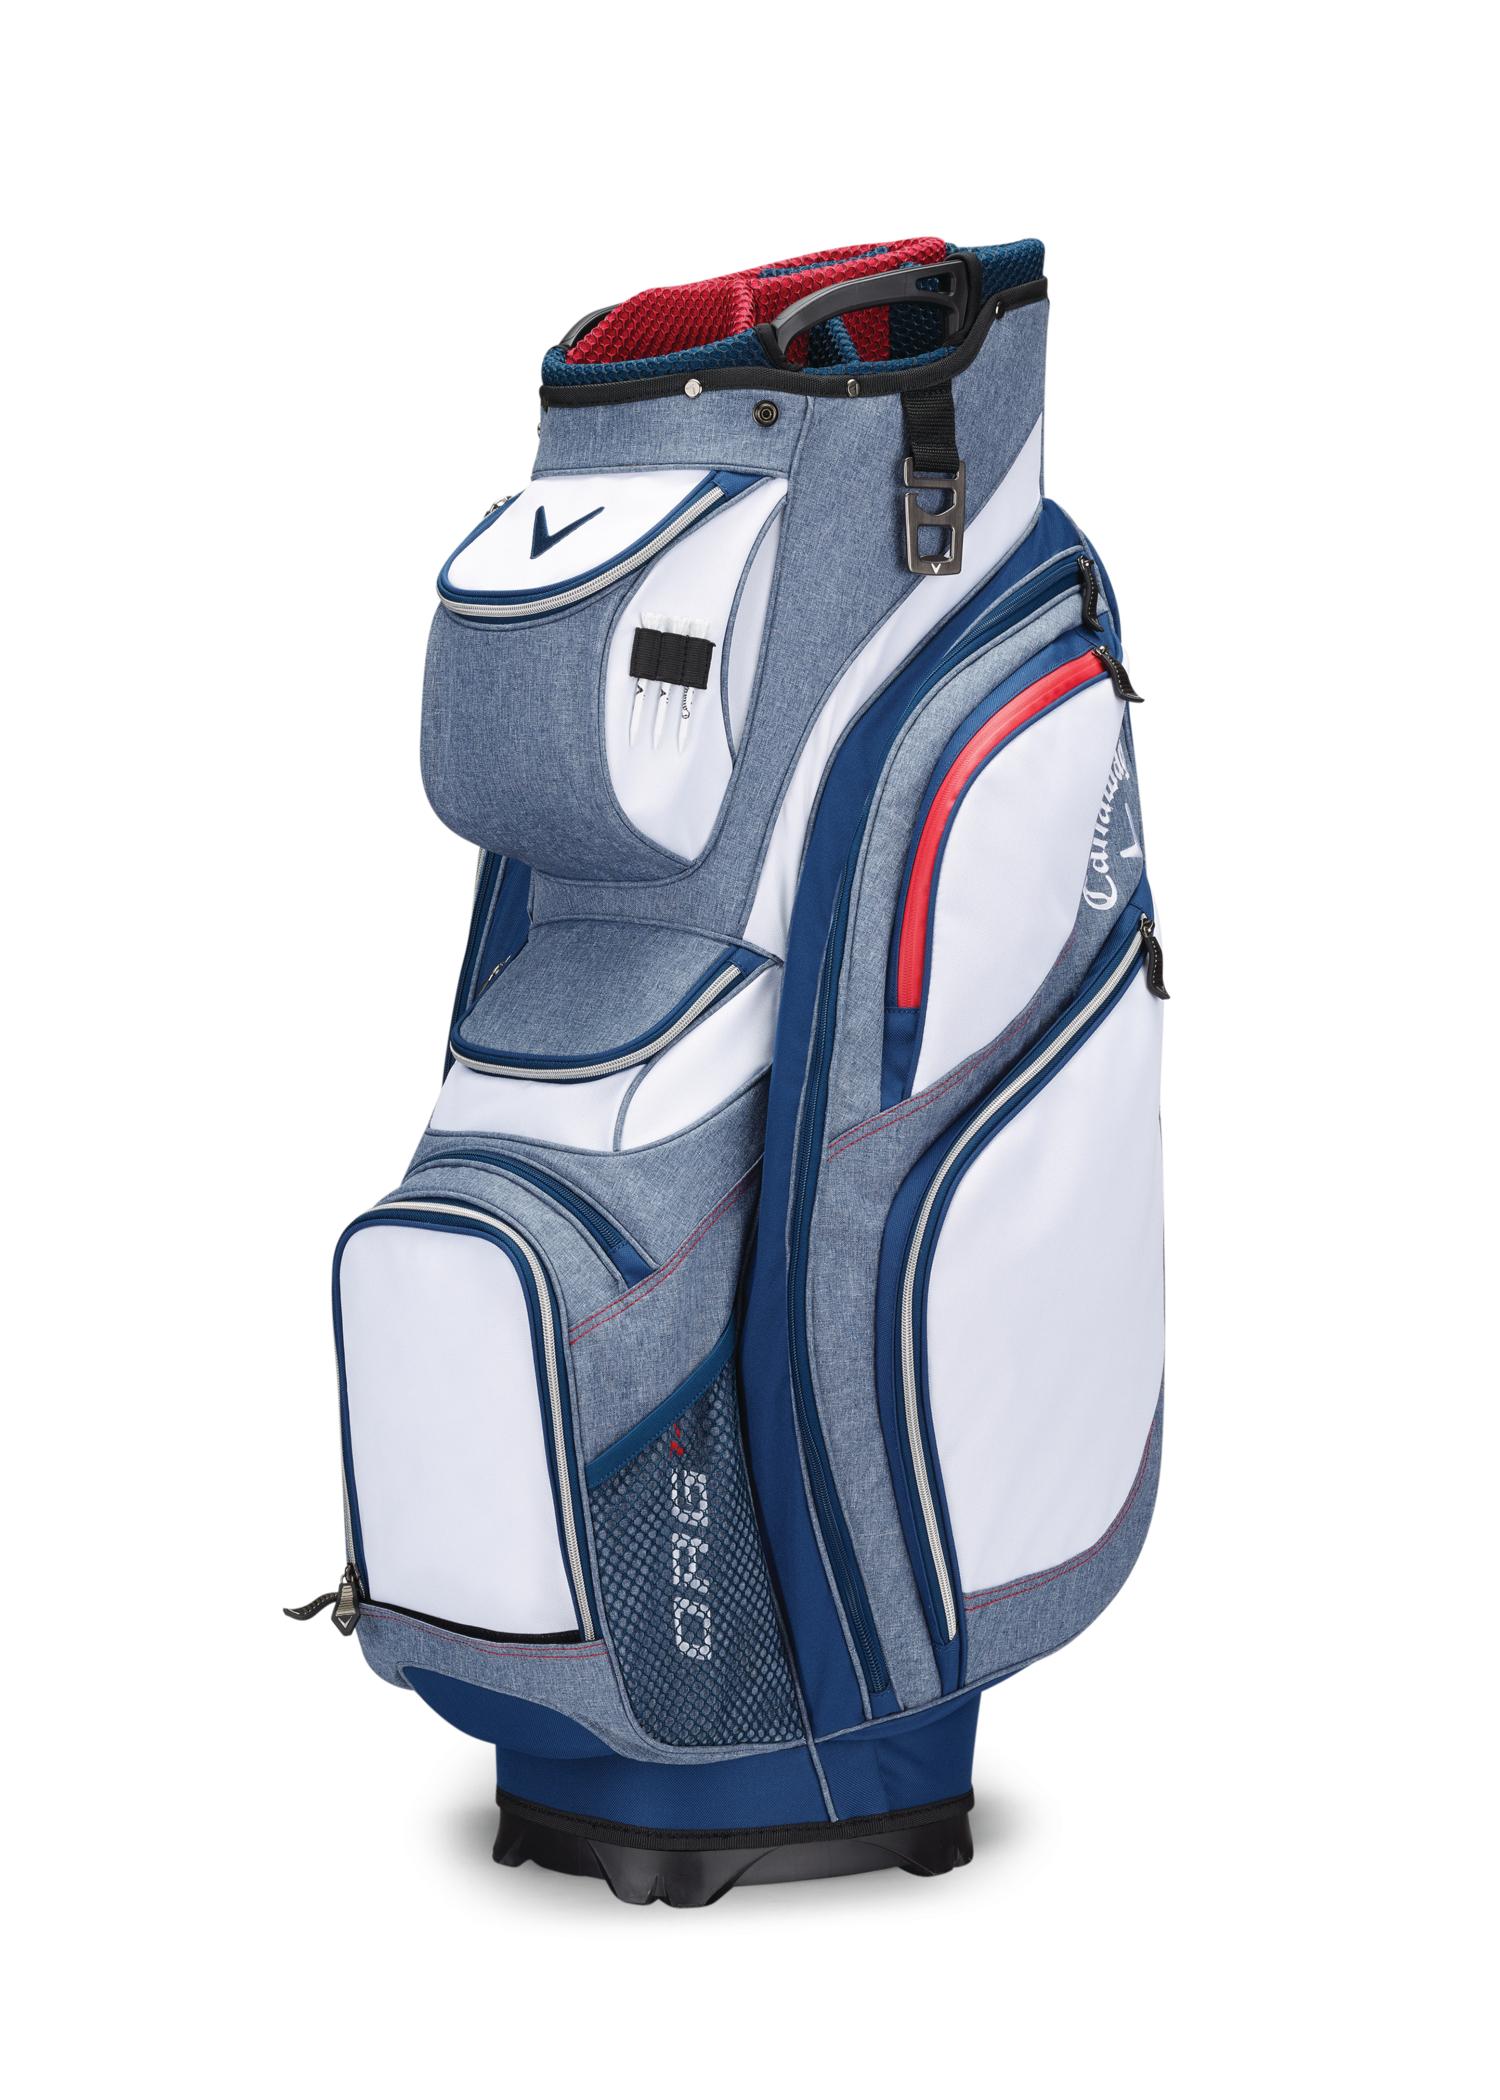 2017 Callaway ORG 14 CART Golf Bag Mens